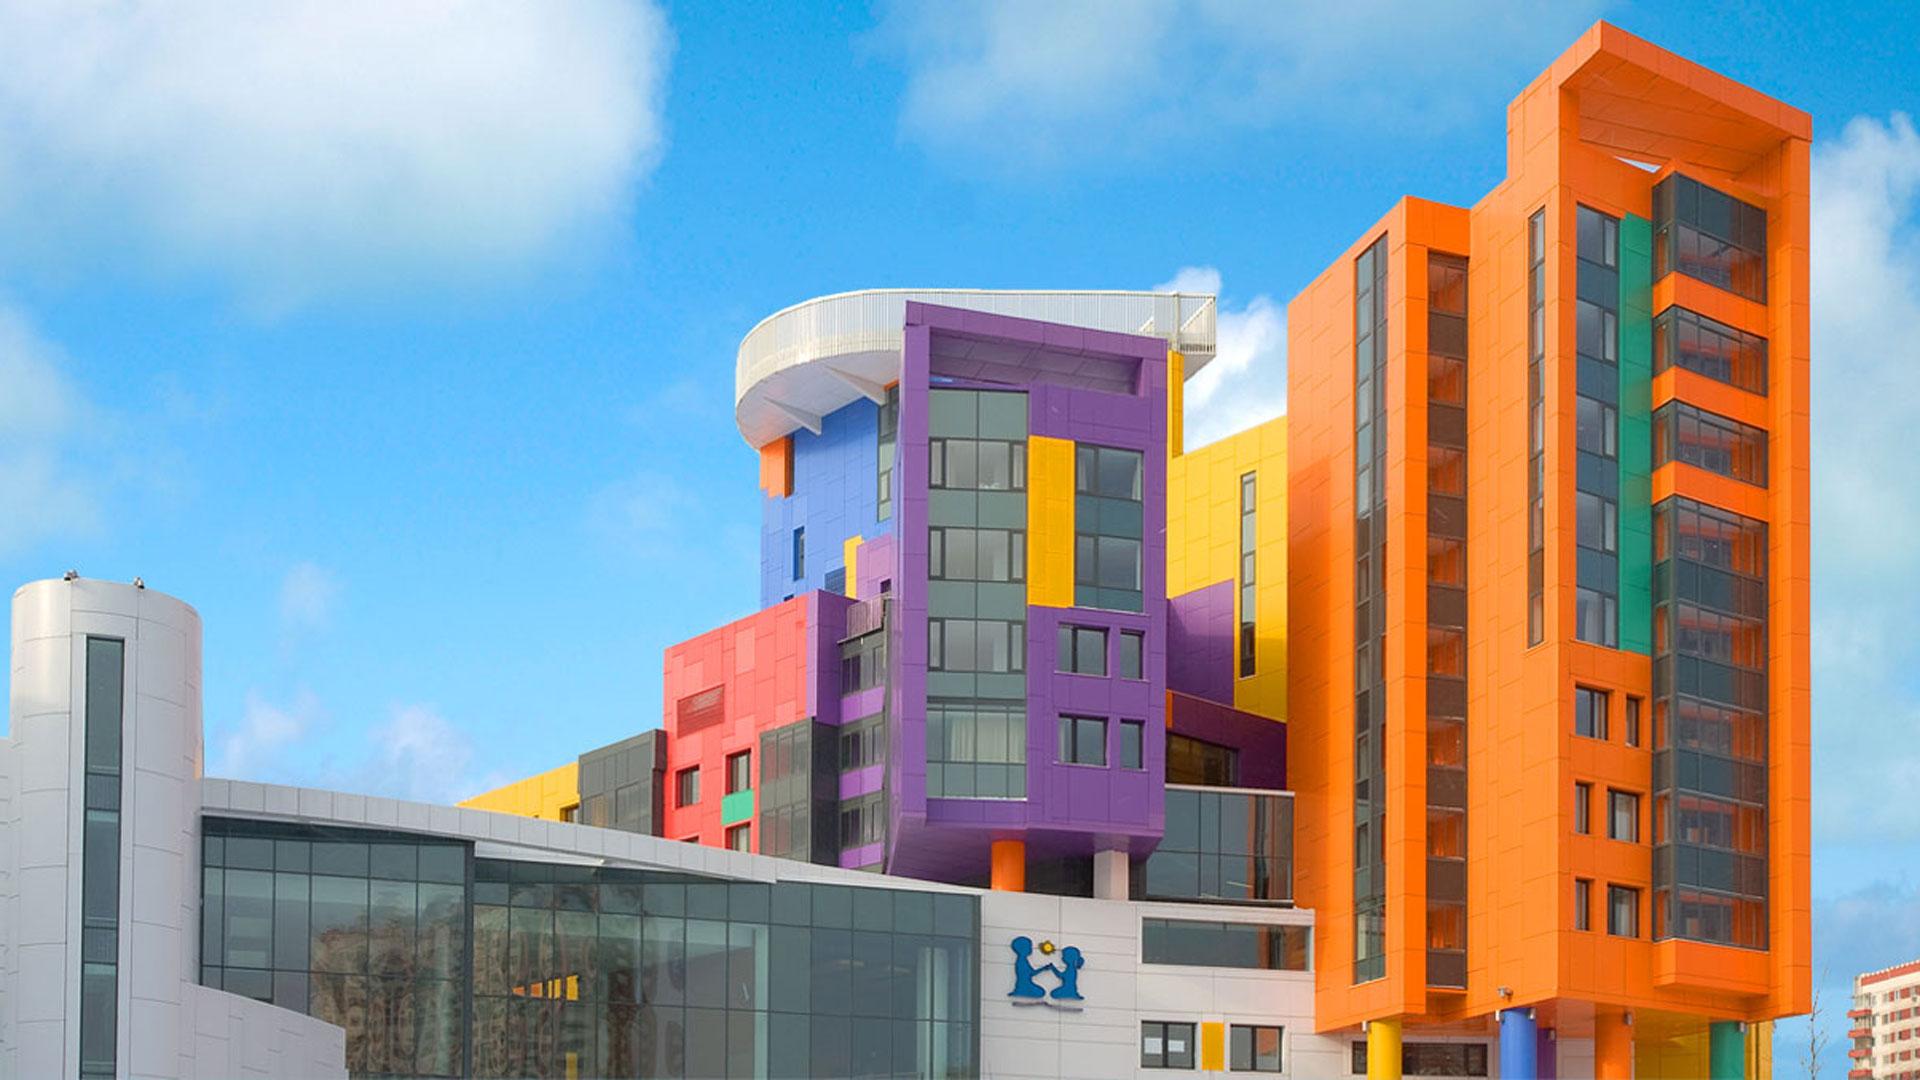 Федеральный научно-клинический центр гематологии, онкологии и иммунологии